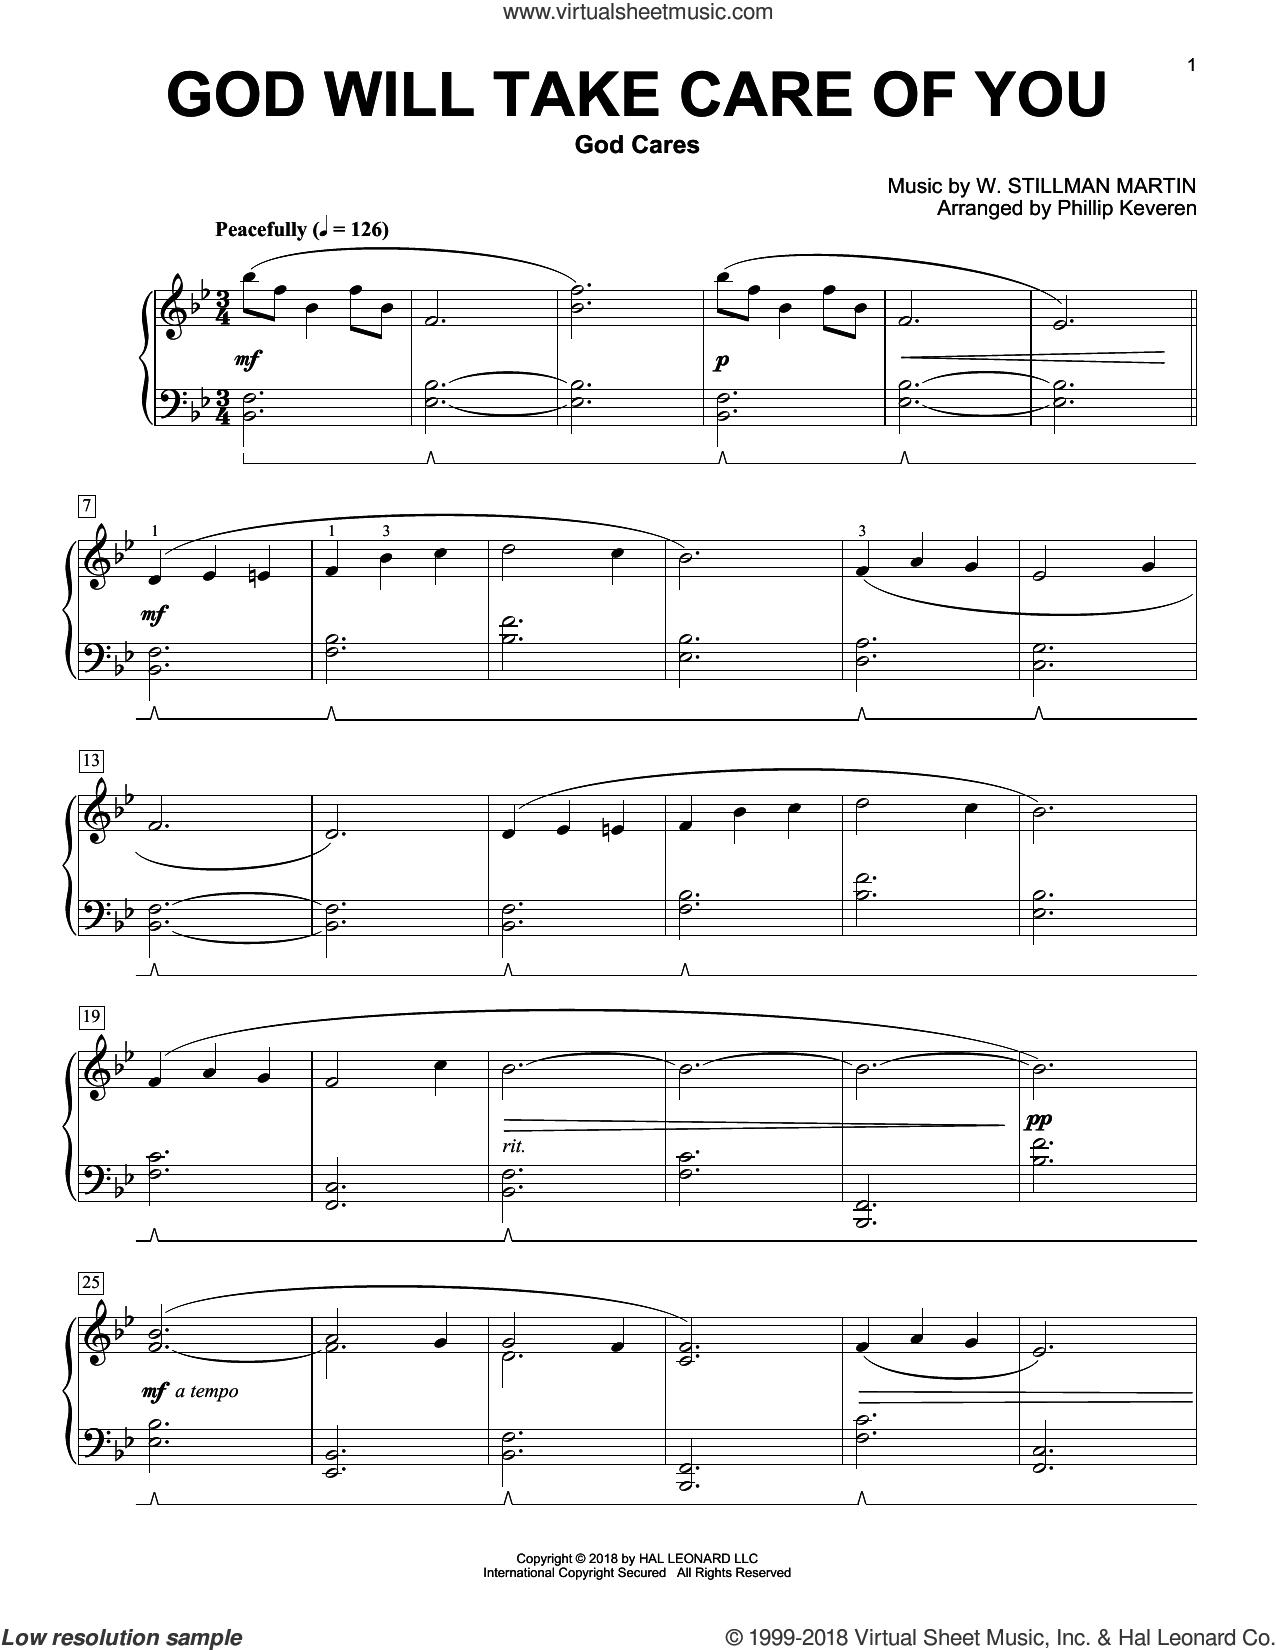 God Will Take Care Of You (arr. Phillip Keveren) sheet music for piano solo by Civilla D. Martin, Phillip Keveren and W. Stillman Martin, intermediate skill level